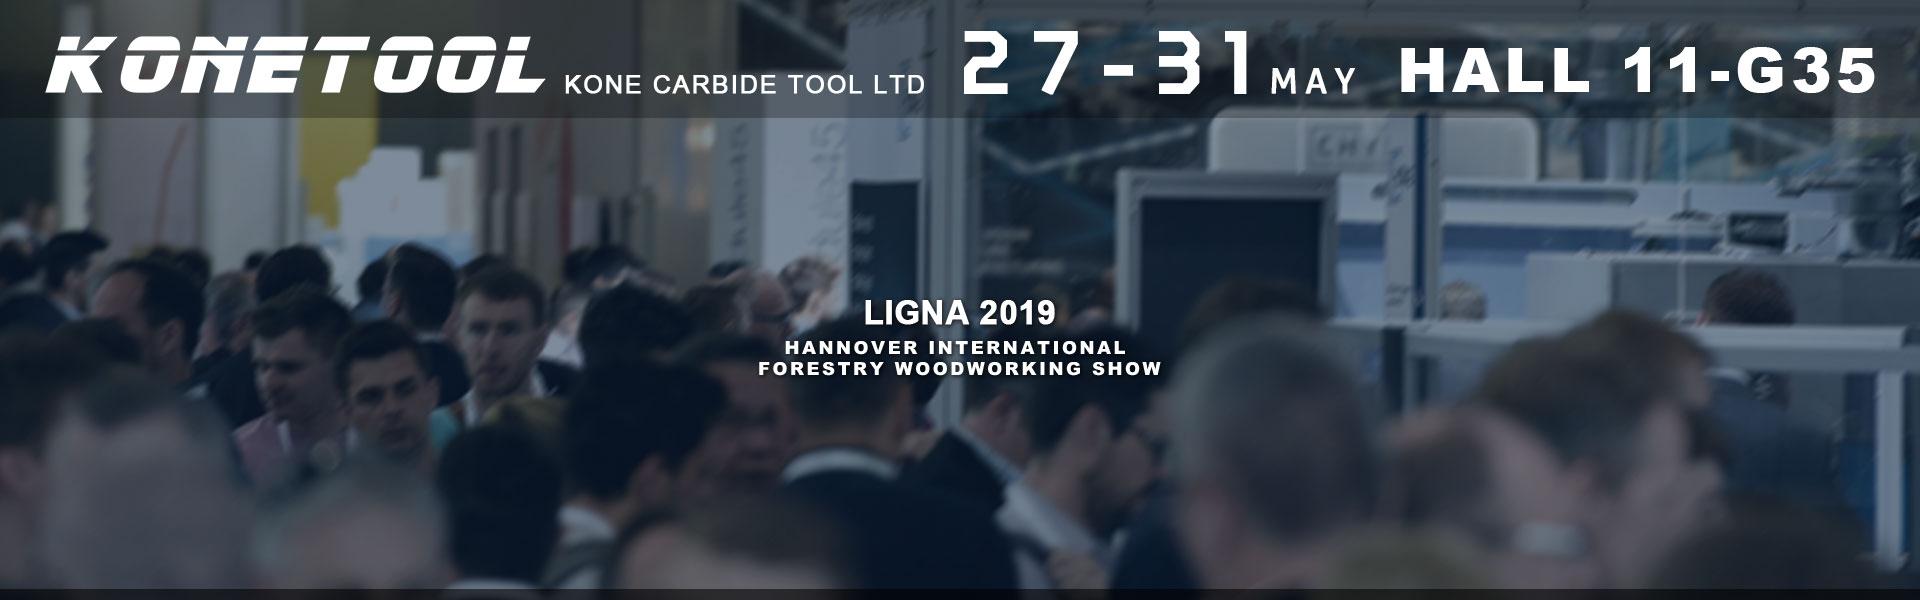 LIGNA-2019-通力工具